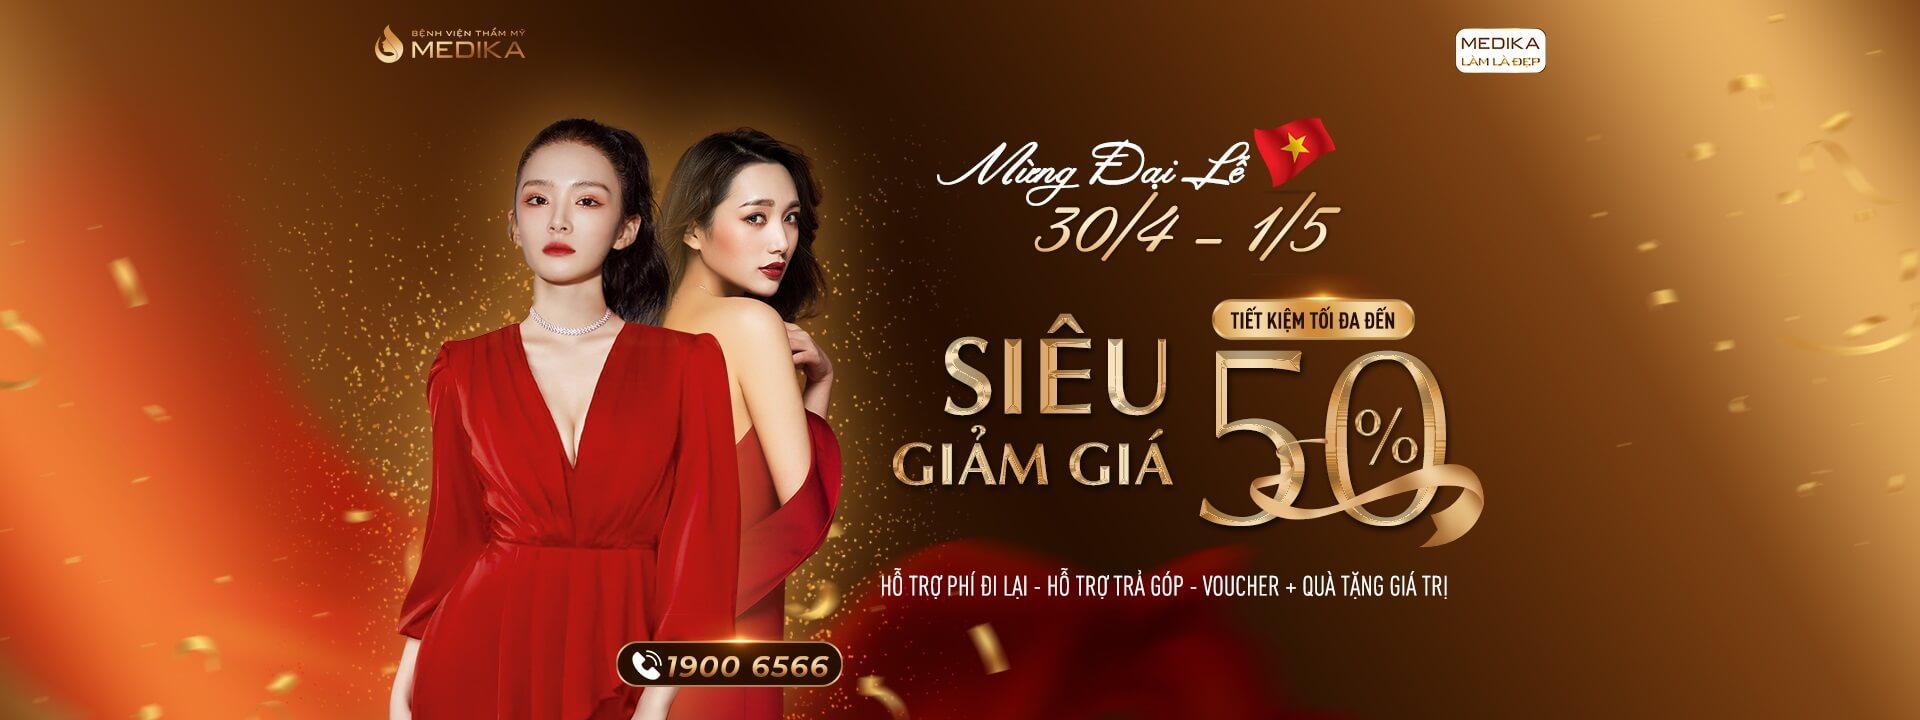 Mừng đại lễ 30/4 - 1/5 Siêu giảm giá - Tiết kiệm tối đa - Banner ngang - MEDIKA.vn